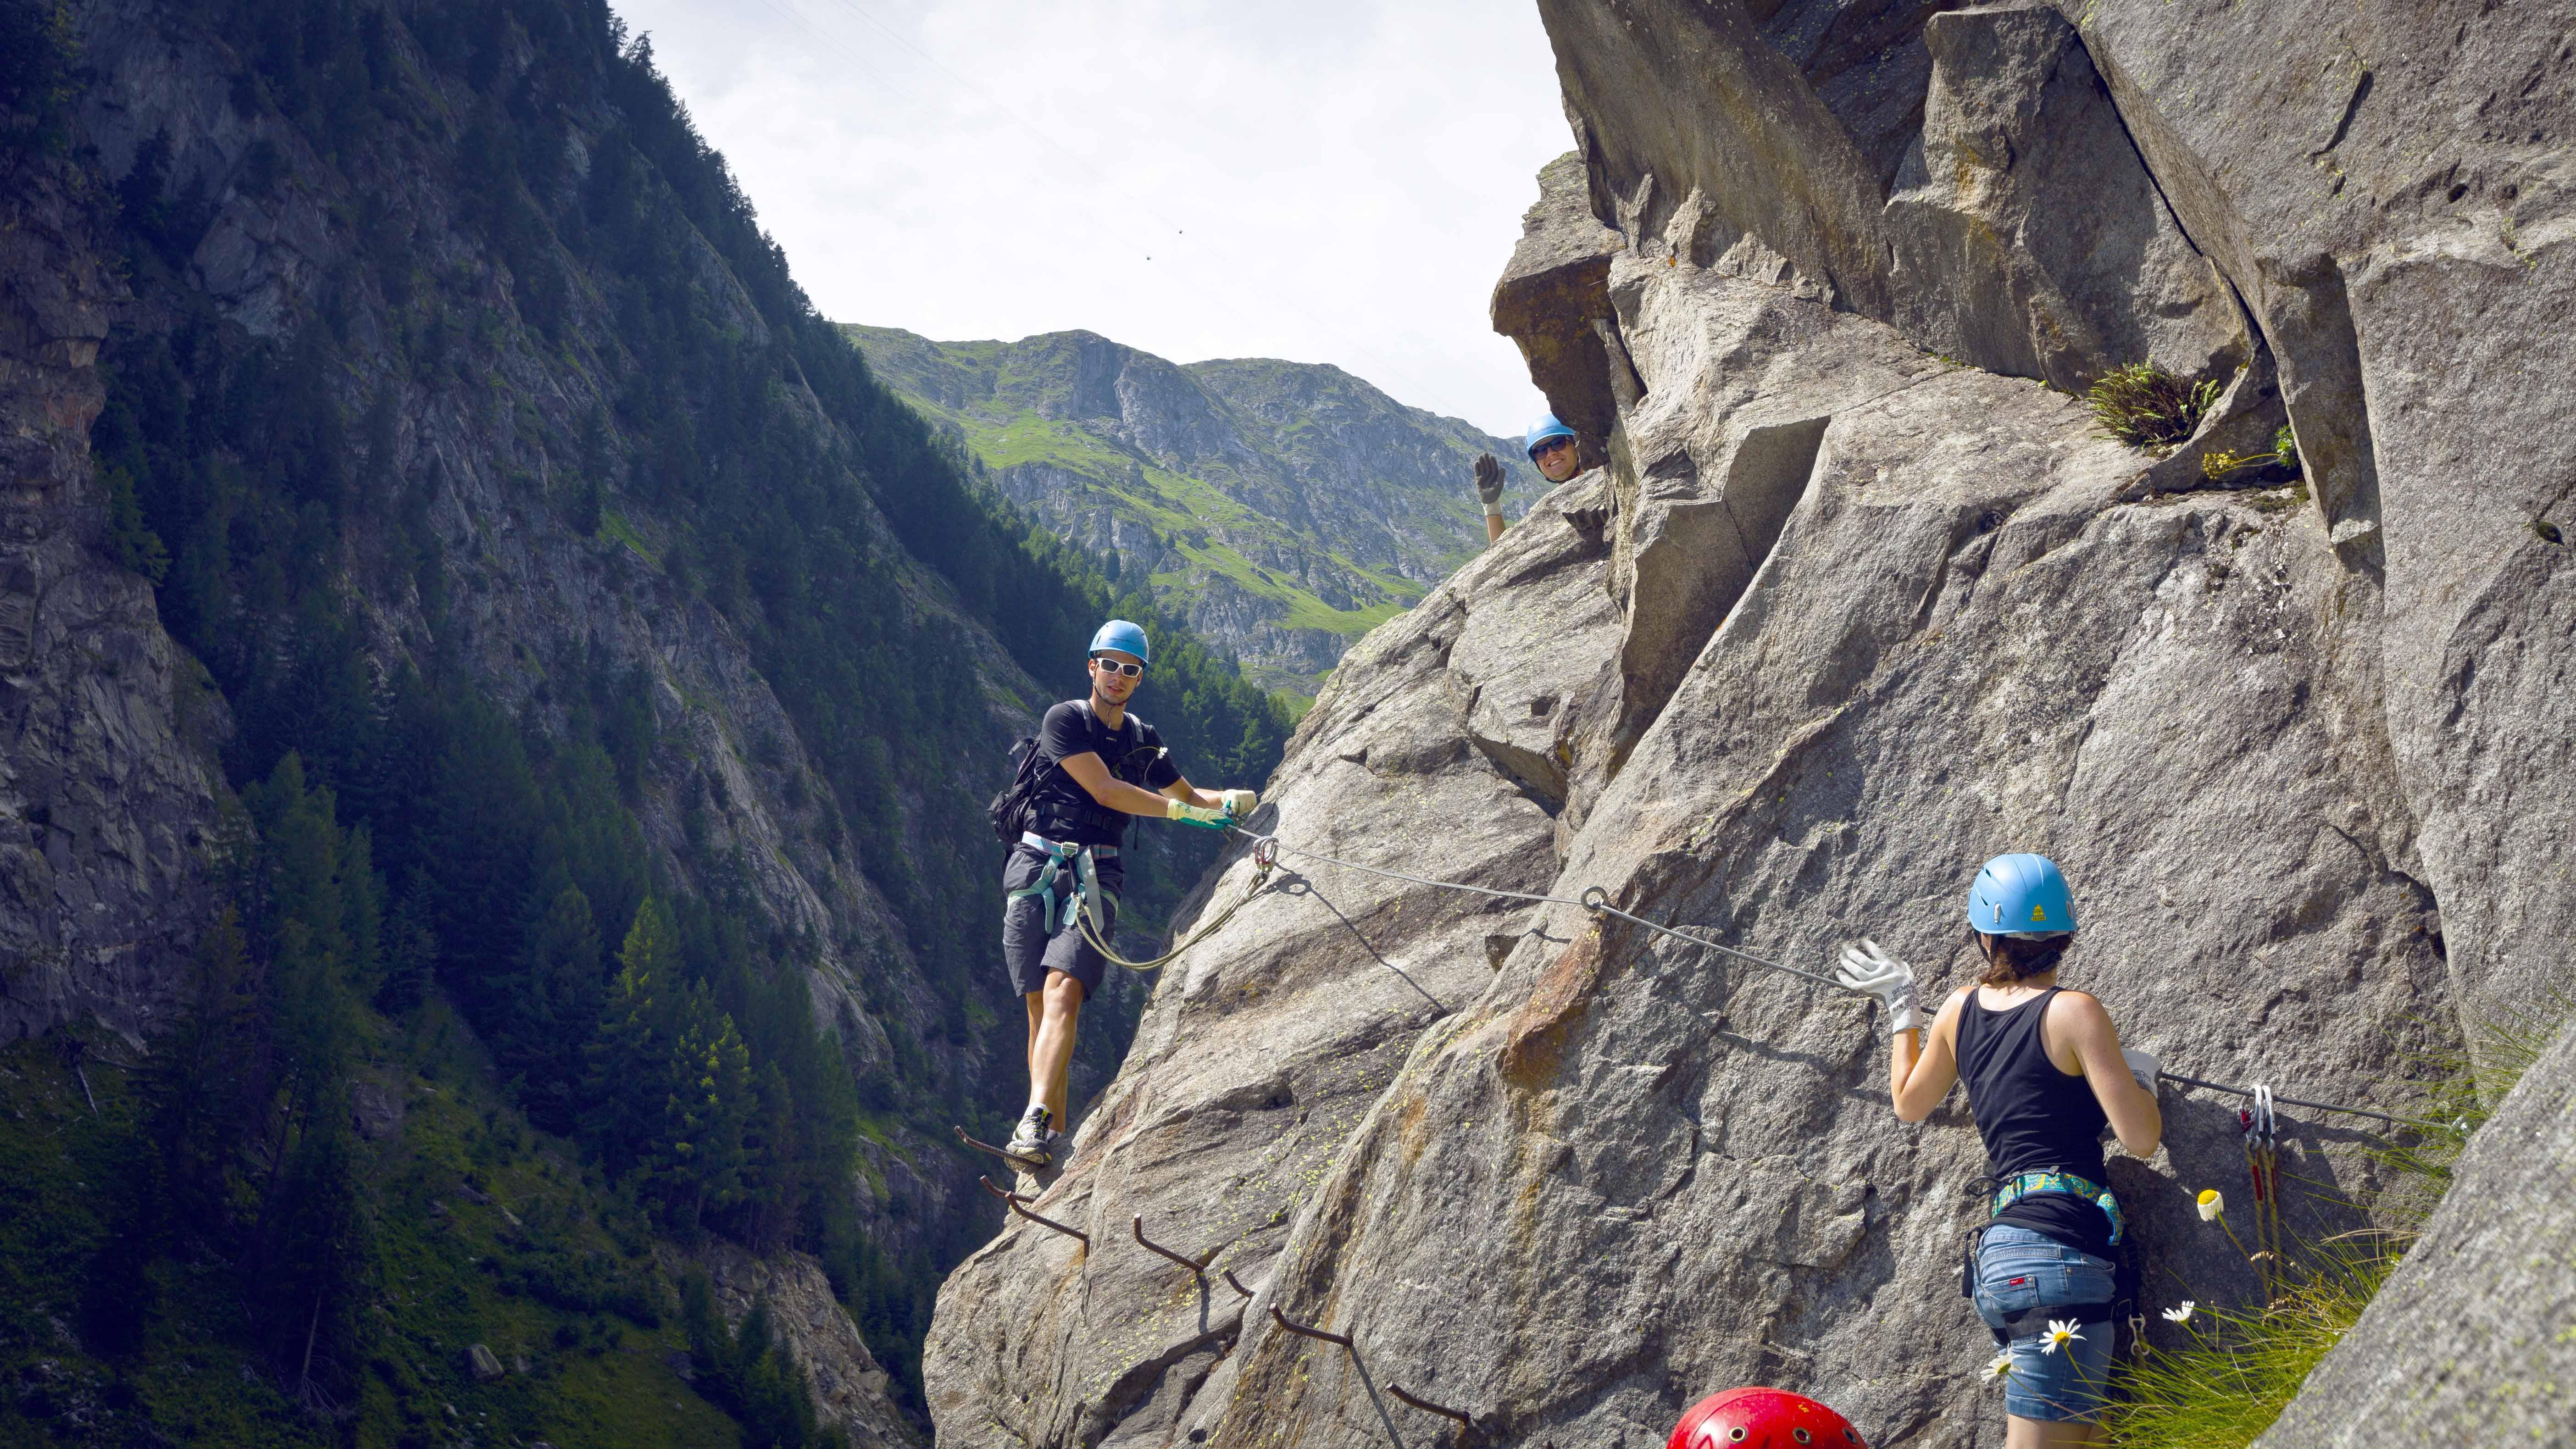 Klettersteig Eggishorn : Klettersteige im wallis: die 10 schönsten klettersteig touren in der